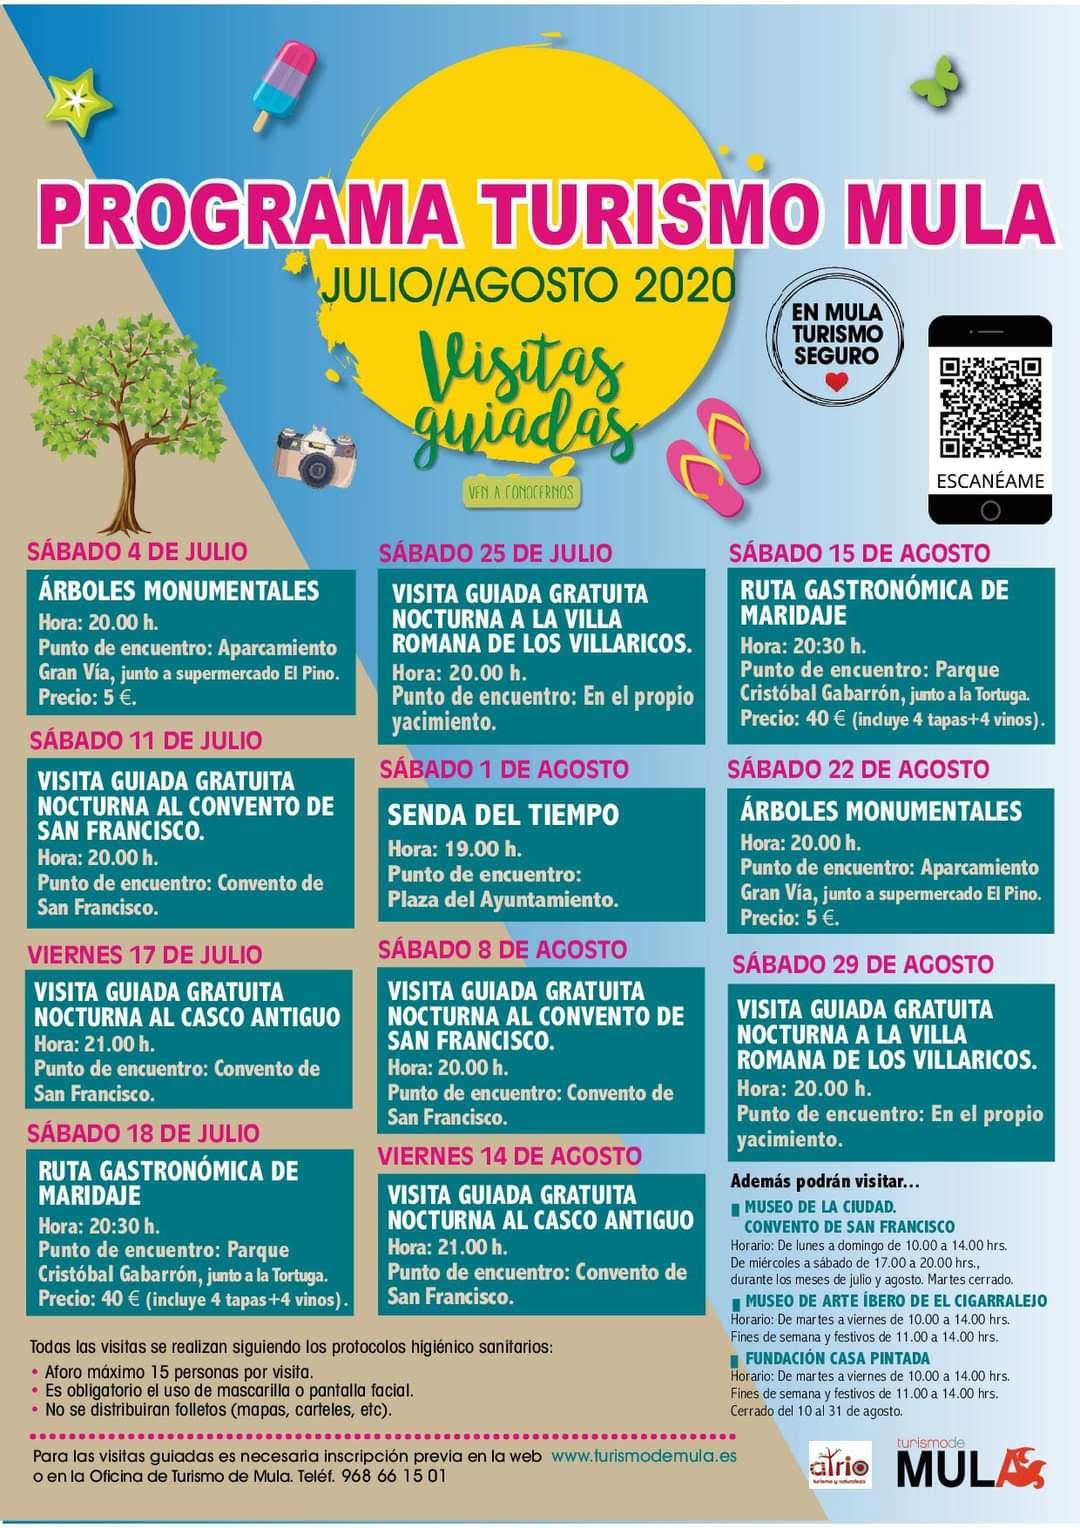 Programa Turismo Mula julio - agosto 2020